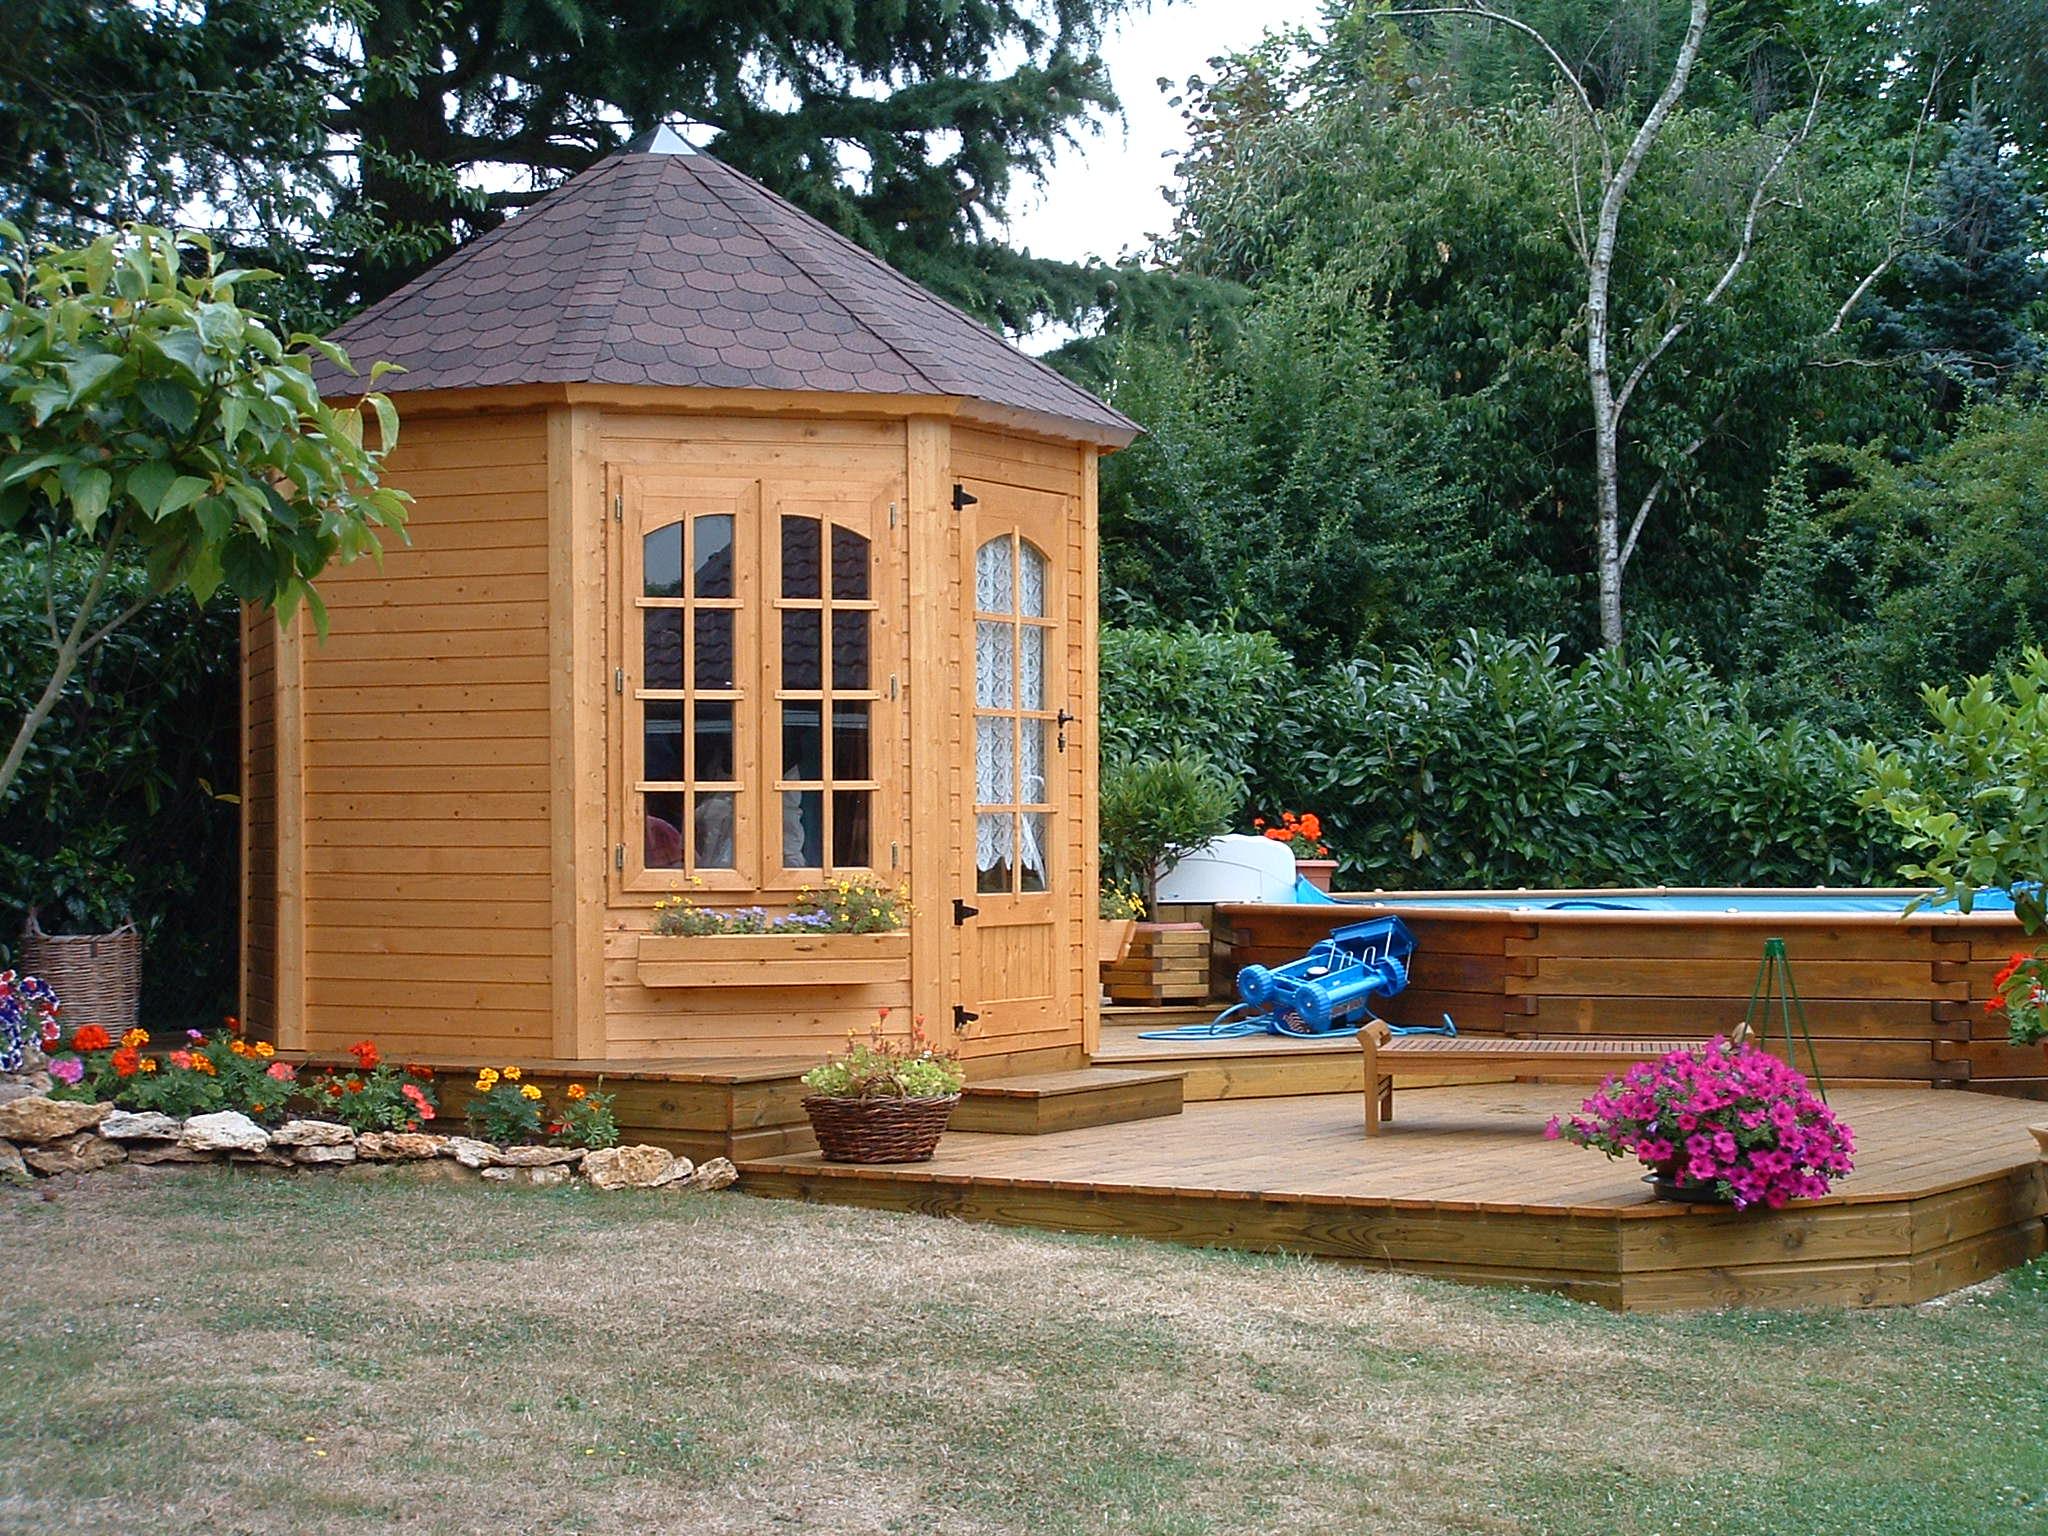 bien connaitre les plantes pour avoir un beau jardin cerisier abris de jardin en. Black Bedroom Furniture Sets. Home Design Ideas